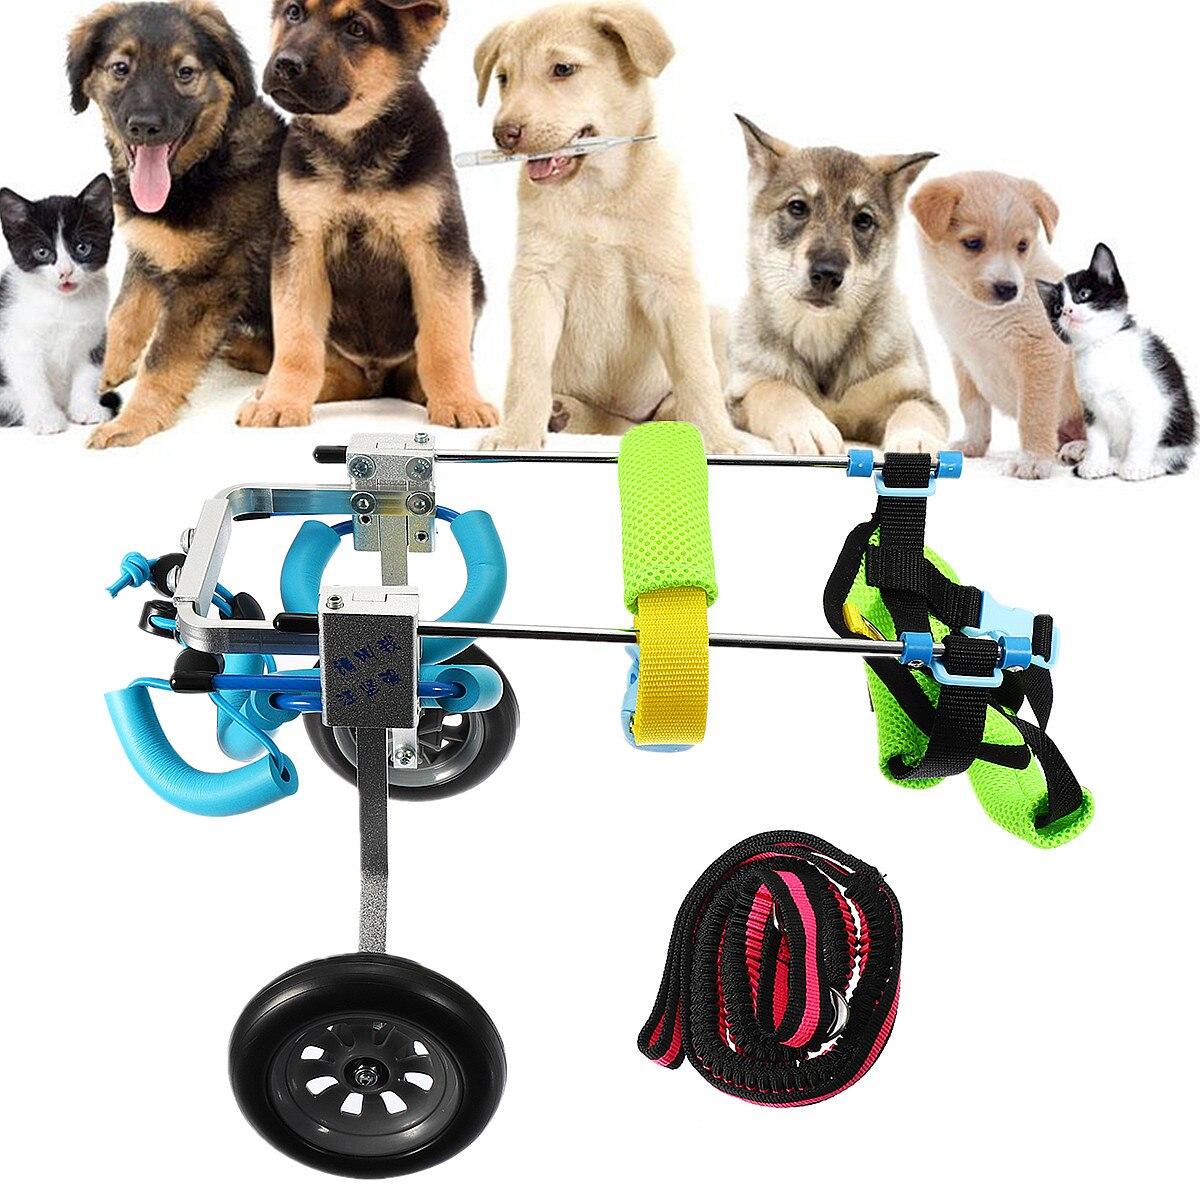 Kit de chariot de corde de Traction d'accessoires de marche de fauteuil roulant d'animal familier pour le chien de chat handicapé